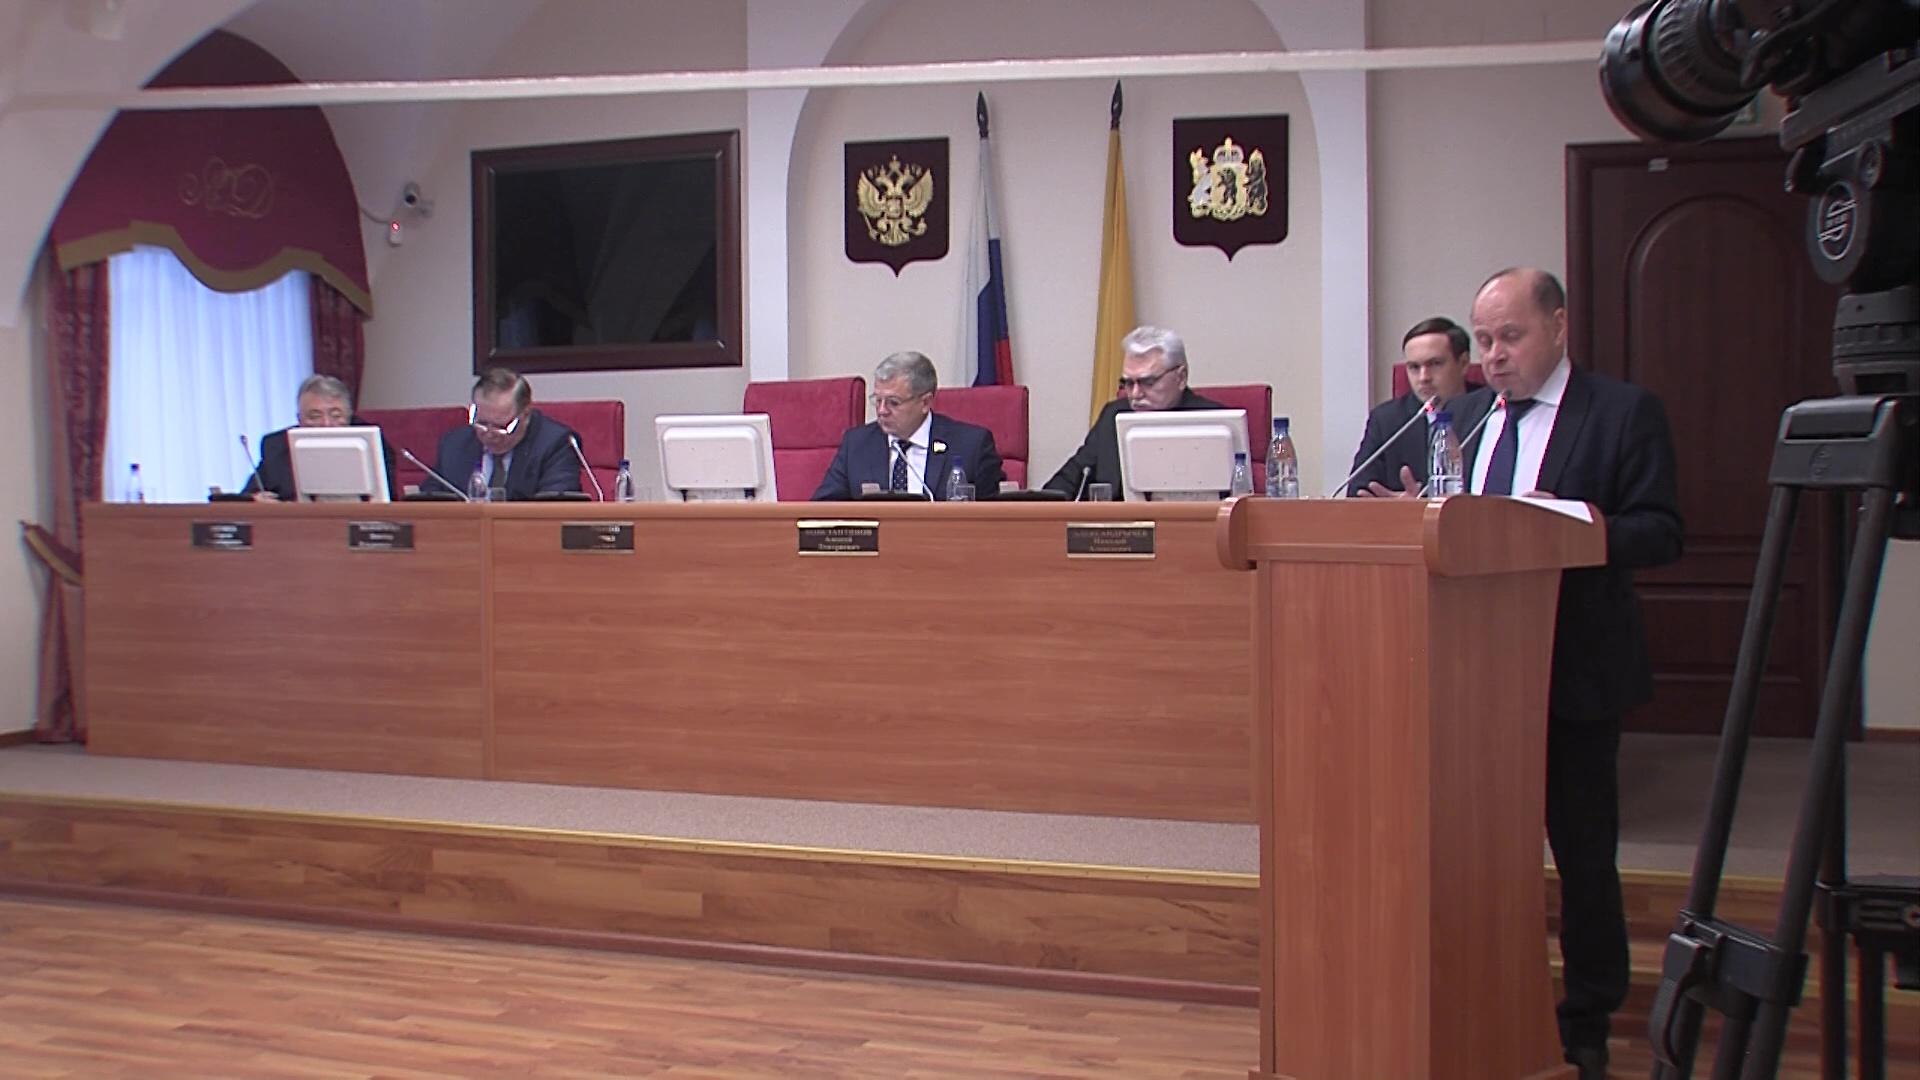 Закон о «тихом часе» в Ярославской области принят в первом чтении: какие штрафы обещают